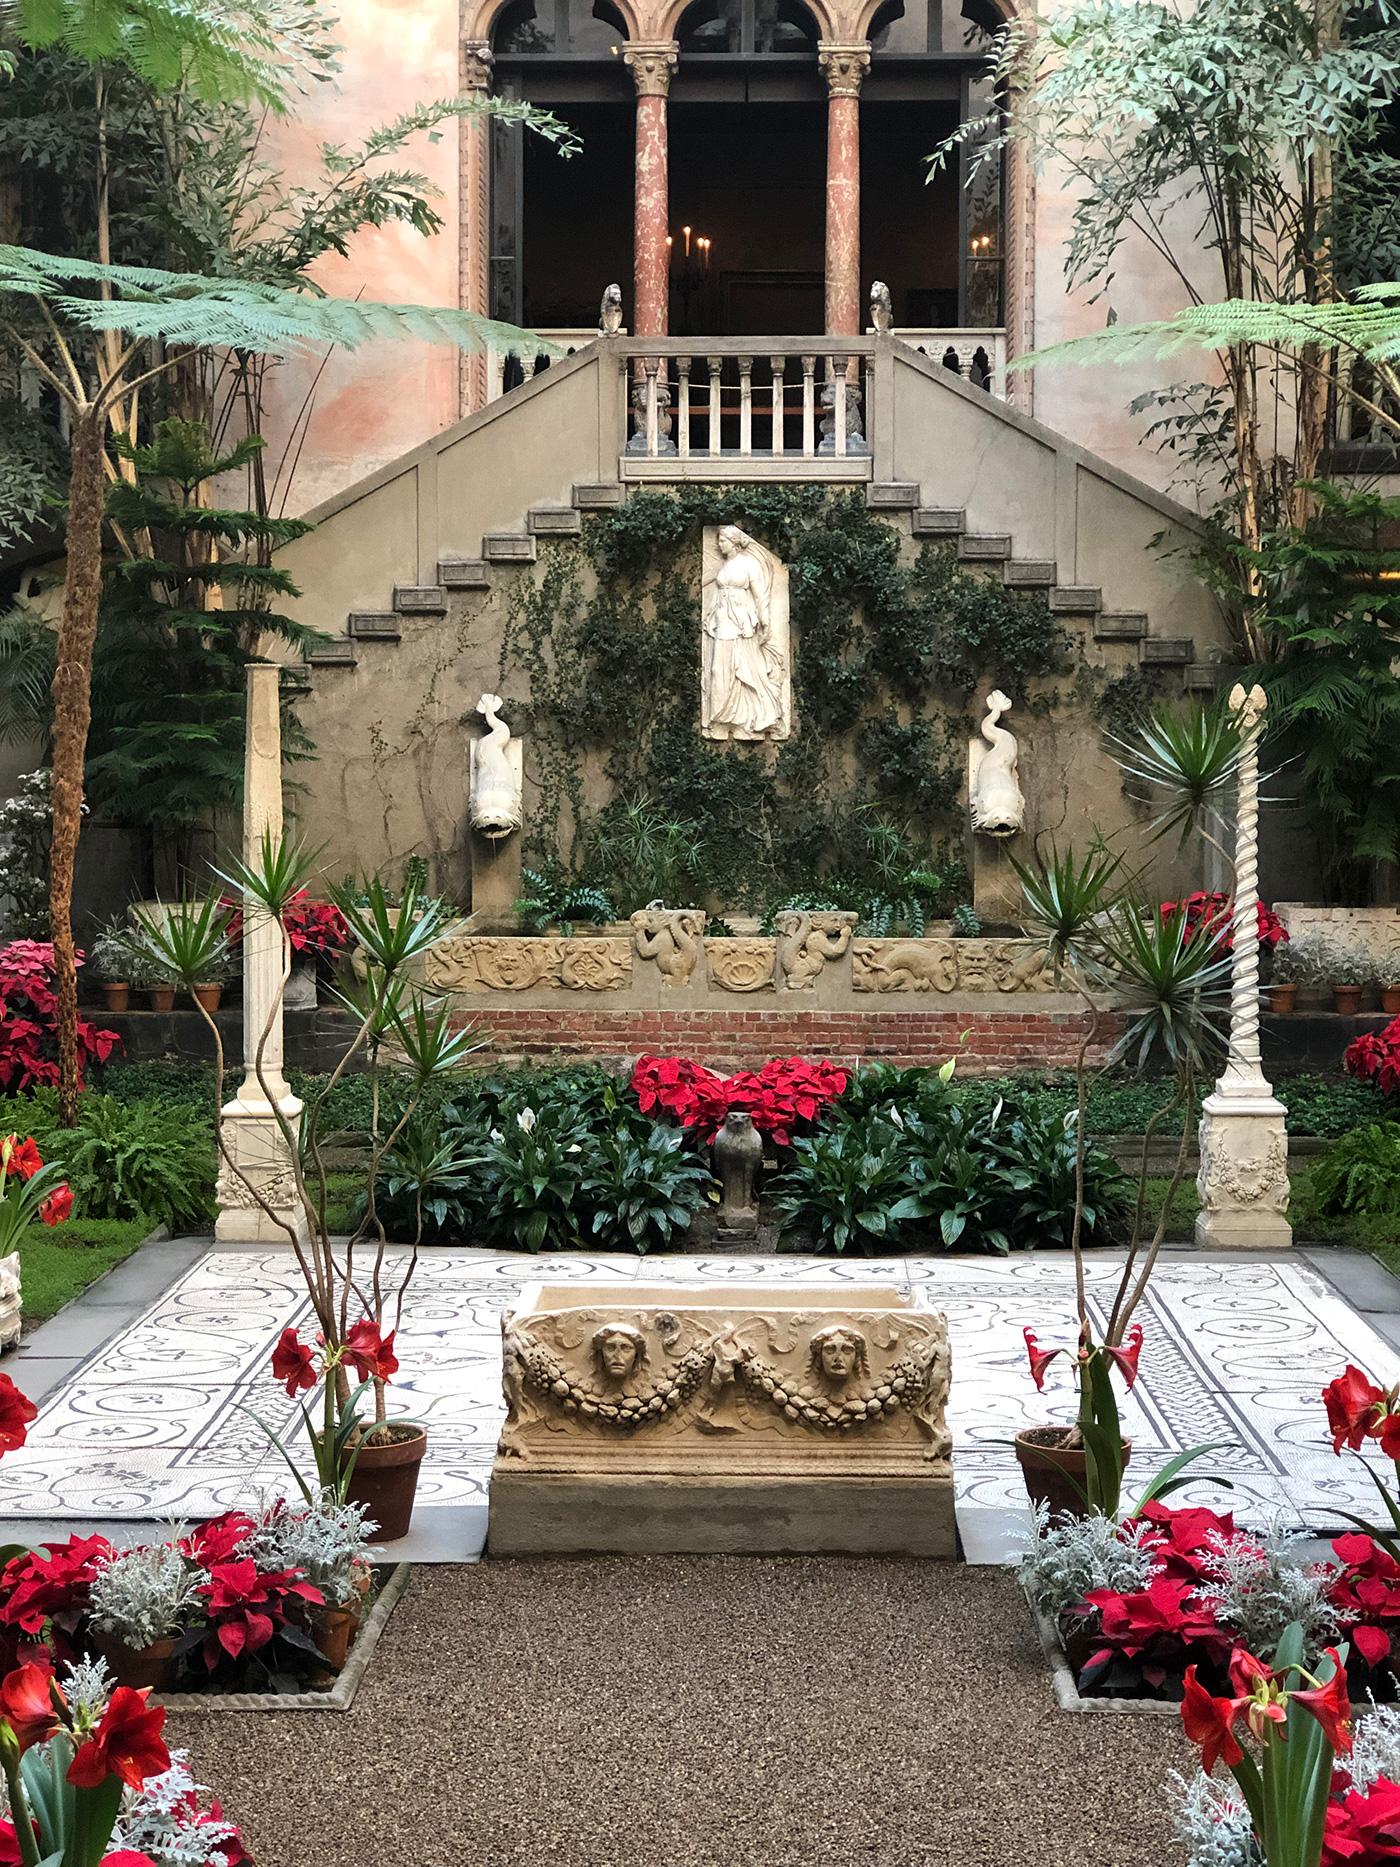 The garden courtyard of the Isabella Stewart Gardner Museum